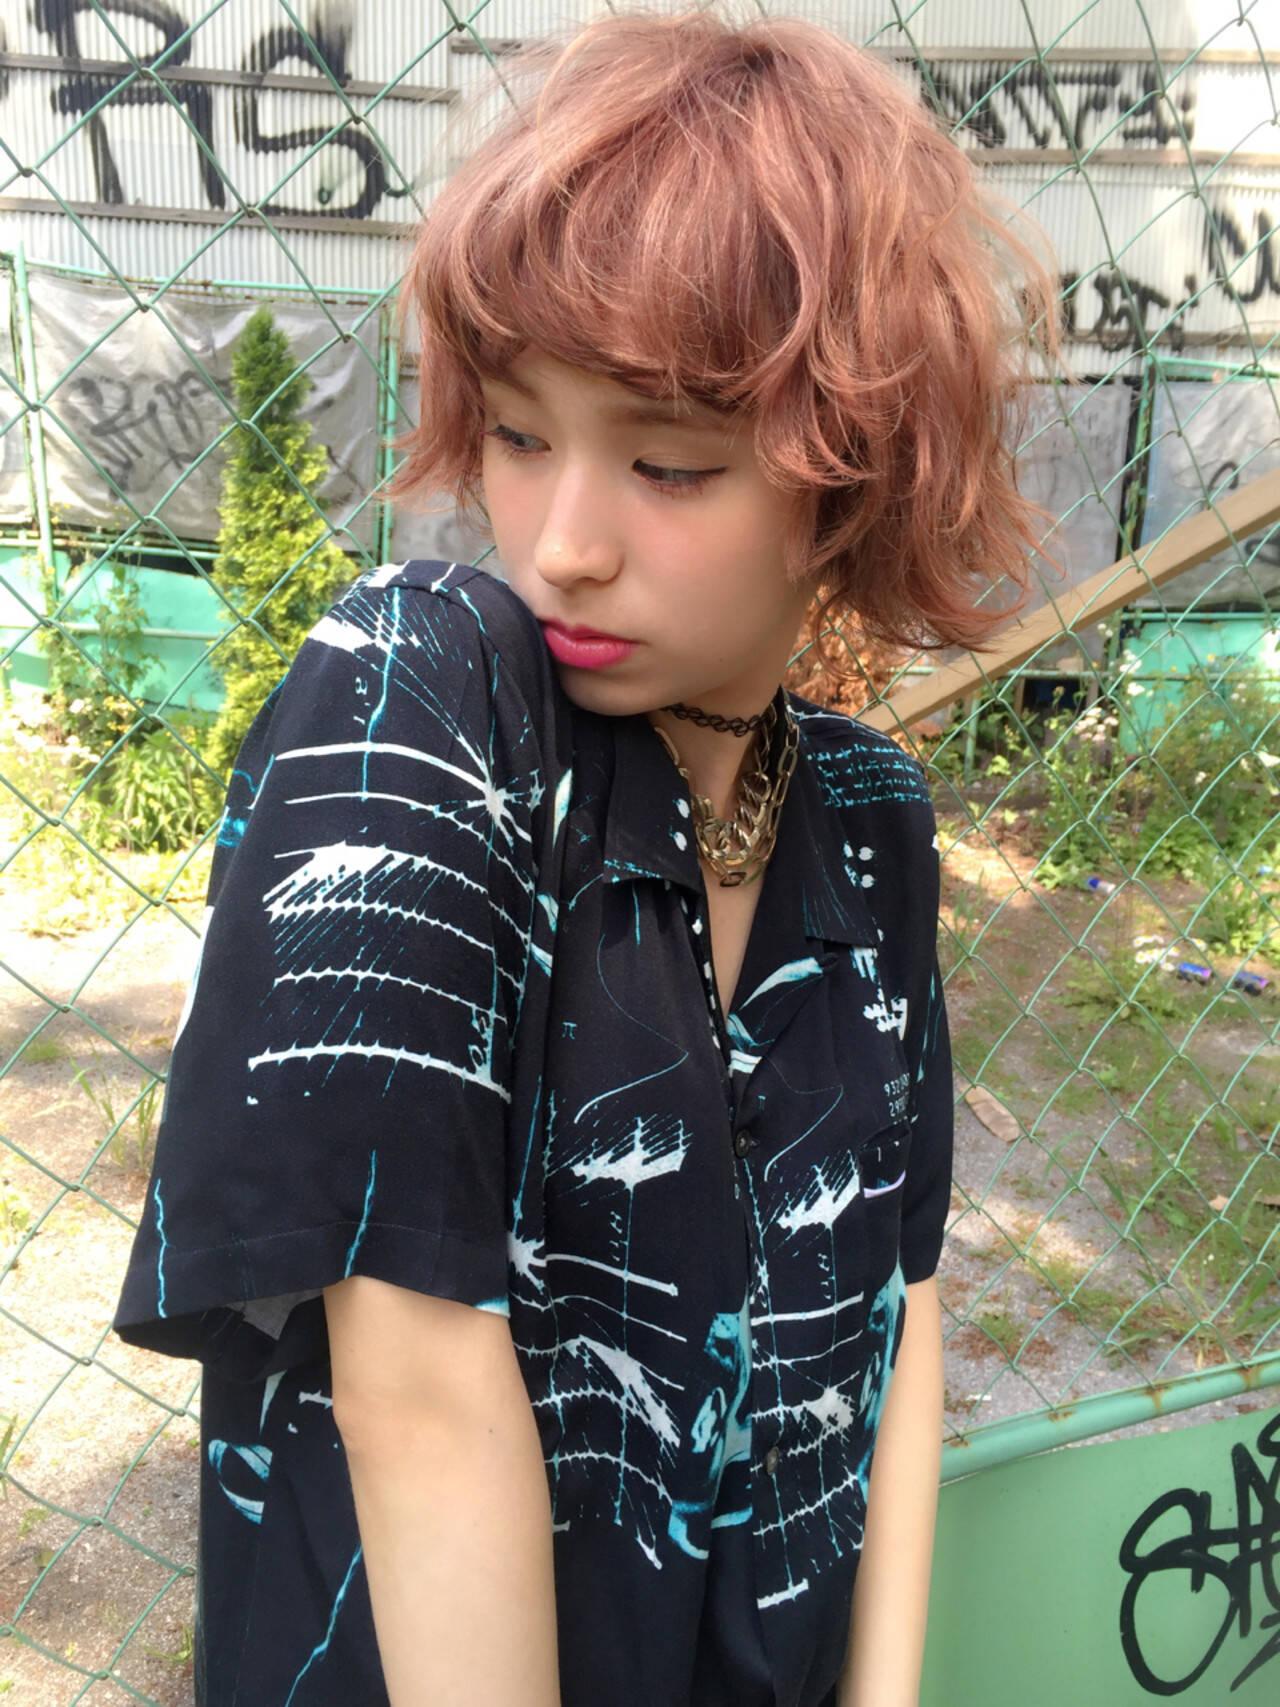 ボブ 黒髪 外国人風 グラデーションカラーヘアスタイルや髪型の写真・画像